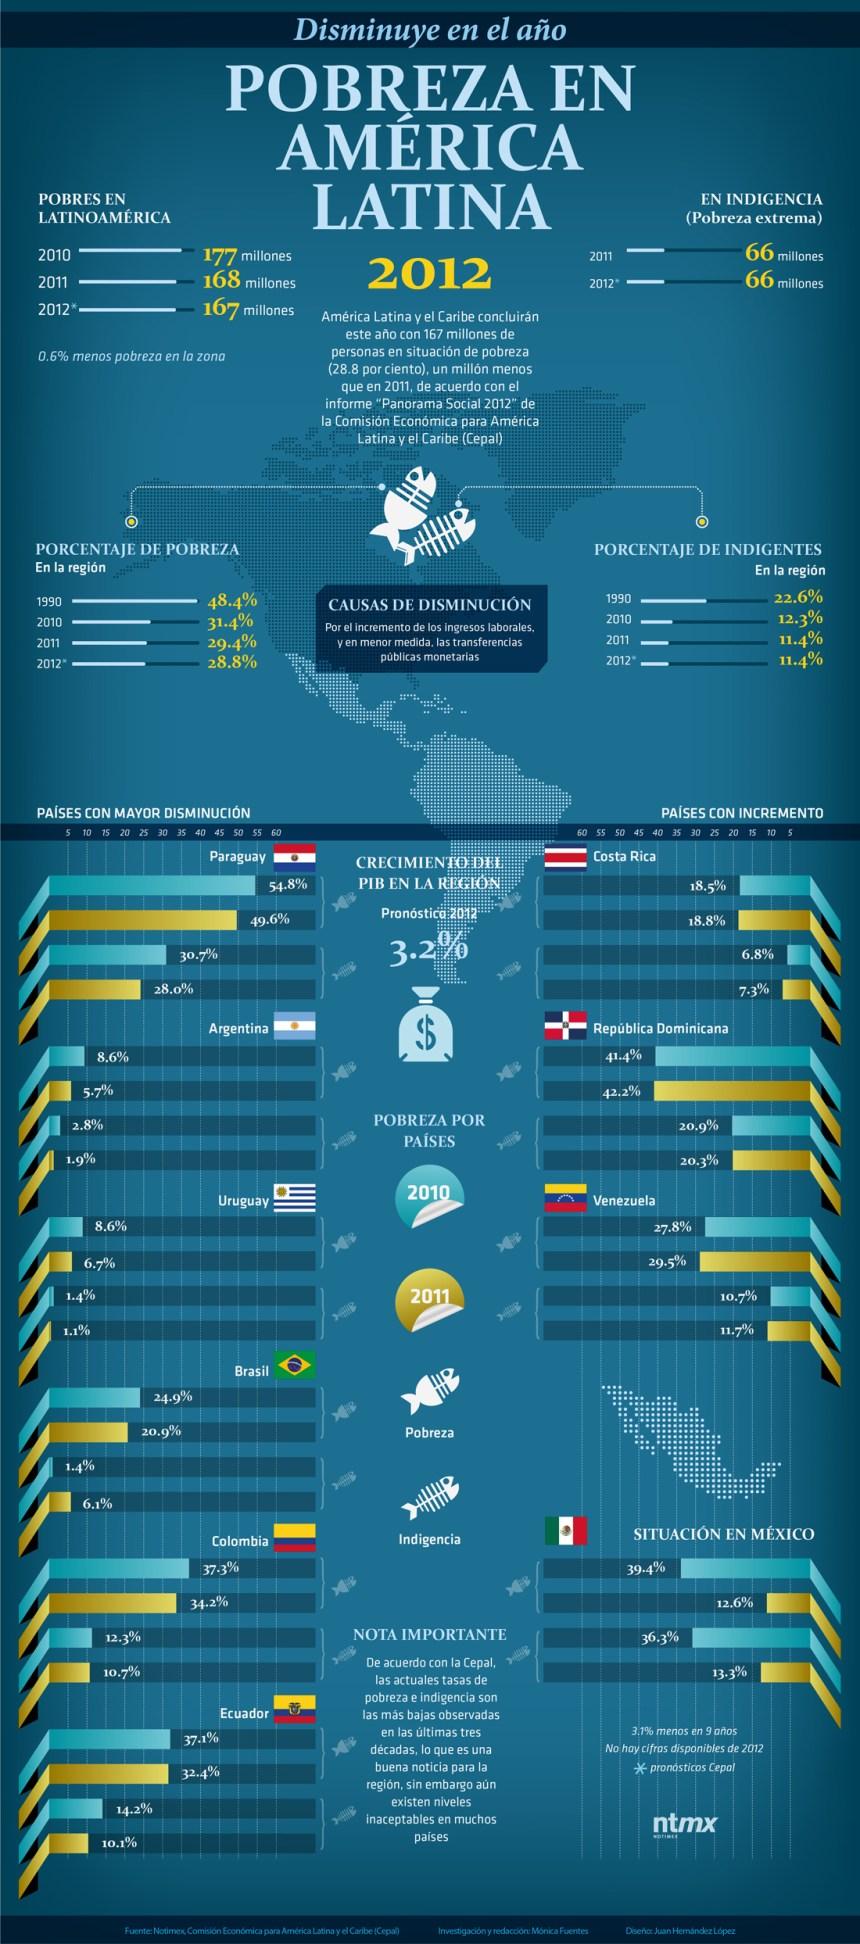 Pobreza en América Latina 2012